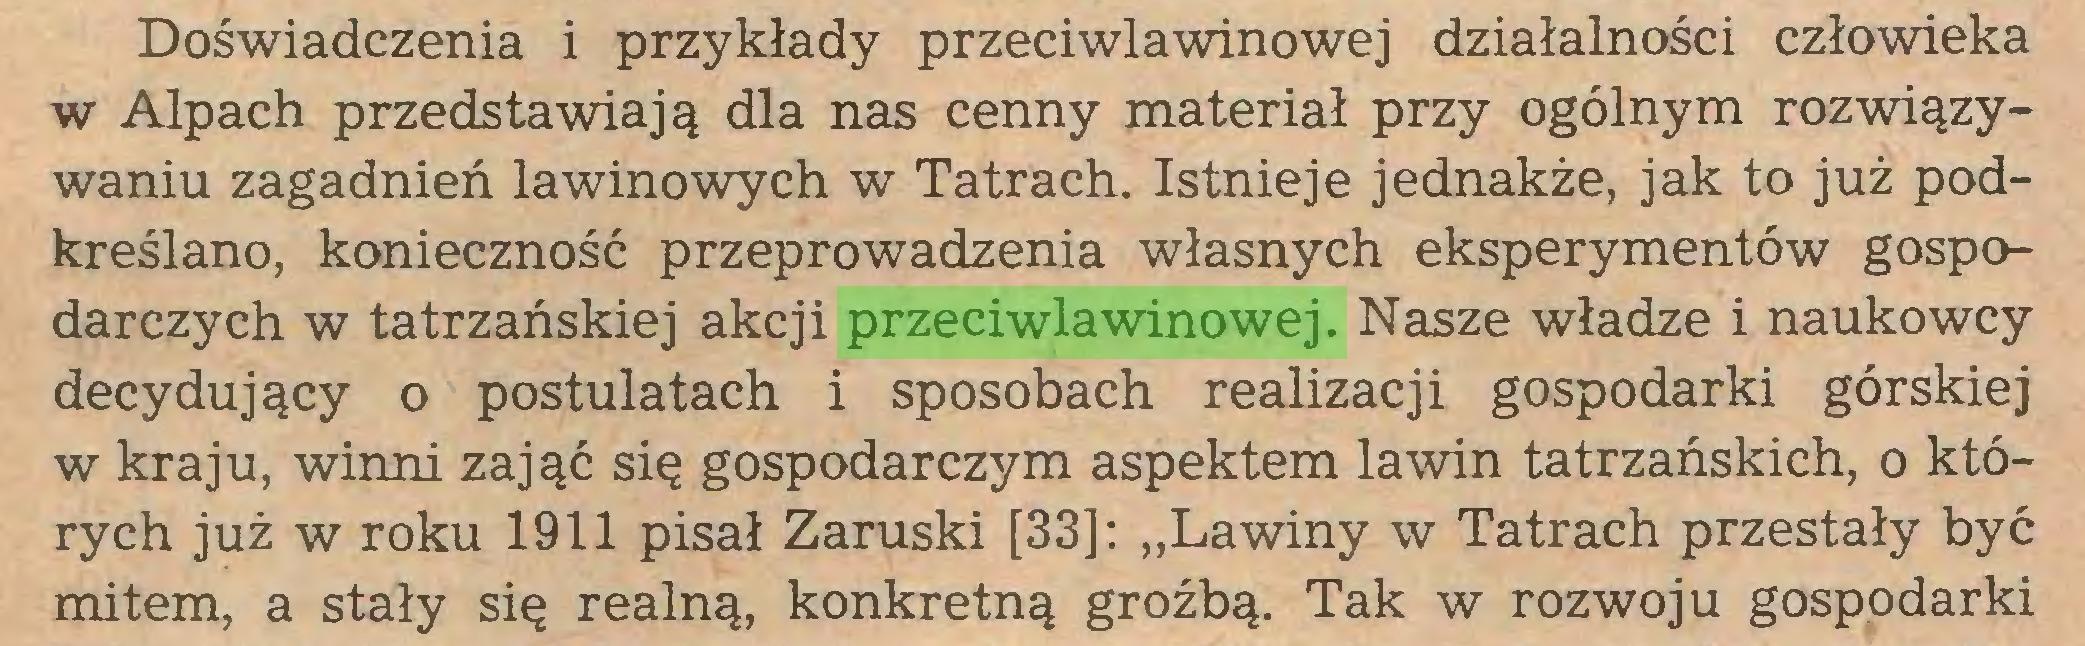 """(...) Doświadczenia i przykłady przeciwlawinowej działalności człowieka w Alpach przedstawiają dla nas cenny materiał przy ogólnym rozwiązywaniu zagadnień lawinowych w Tatrach. Istnieje jednakże, jak to już podkreślano, konieczność przeprowadzenia własnych eksperymentów gospodarczych w tatrzańskiej akcji przeciwlawinowej. Nasze władze i naukowcy decydujący o postulatach i sposobach realizacji gospodarki górskiej w kraju, winni zająć się gospodarczym aspektem lawin tatrzańskich, o których już w roku 1911 pisał Zaruski [33]: """"Lawiny w Tatrach przestały być mitem, a stały się realną, konkretną groźbą. Tak w rozwoju gospodarki..."""